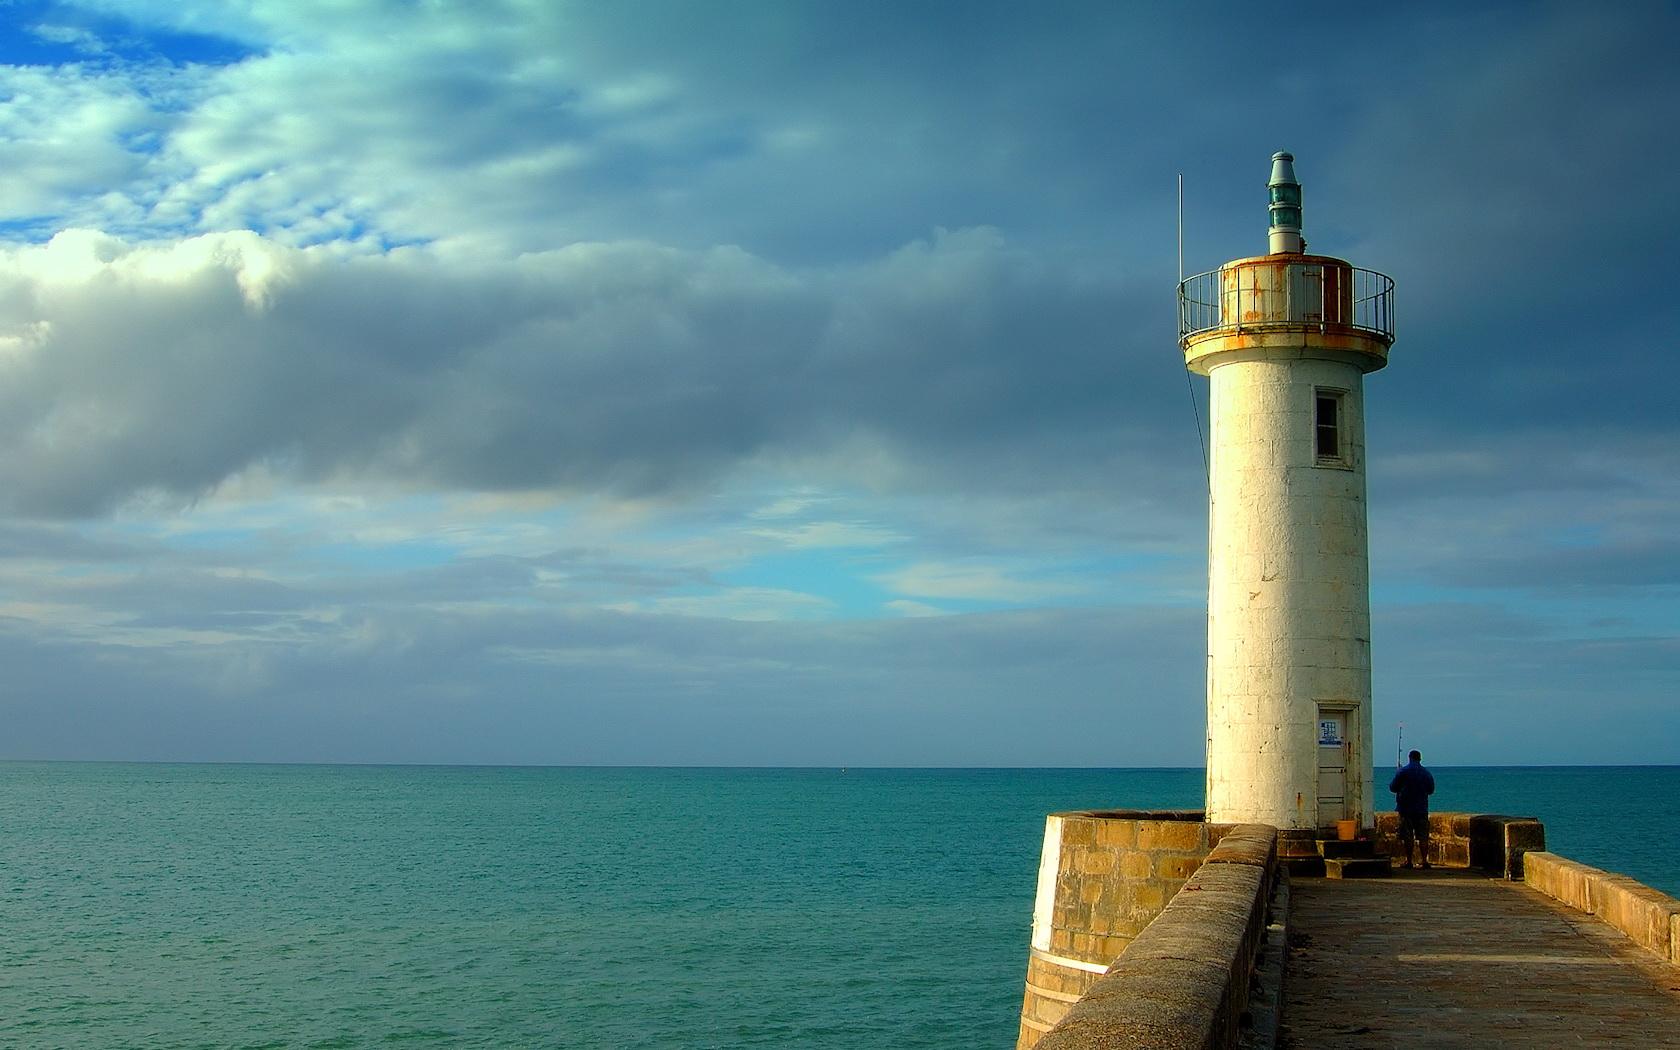 lighthouse wallpaper desktop - photo #33